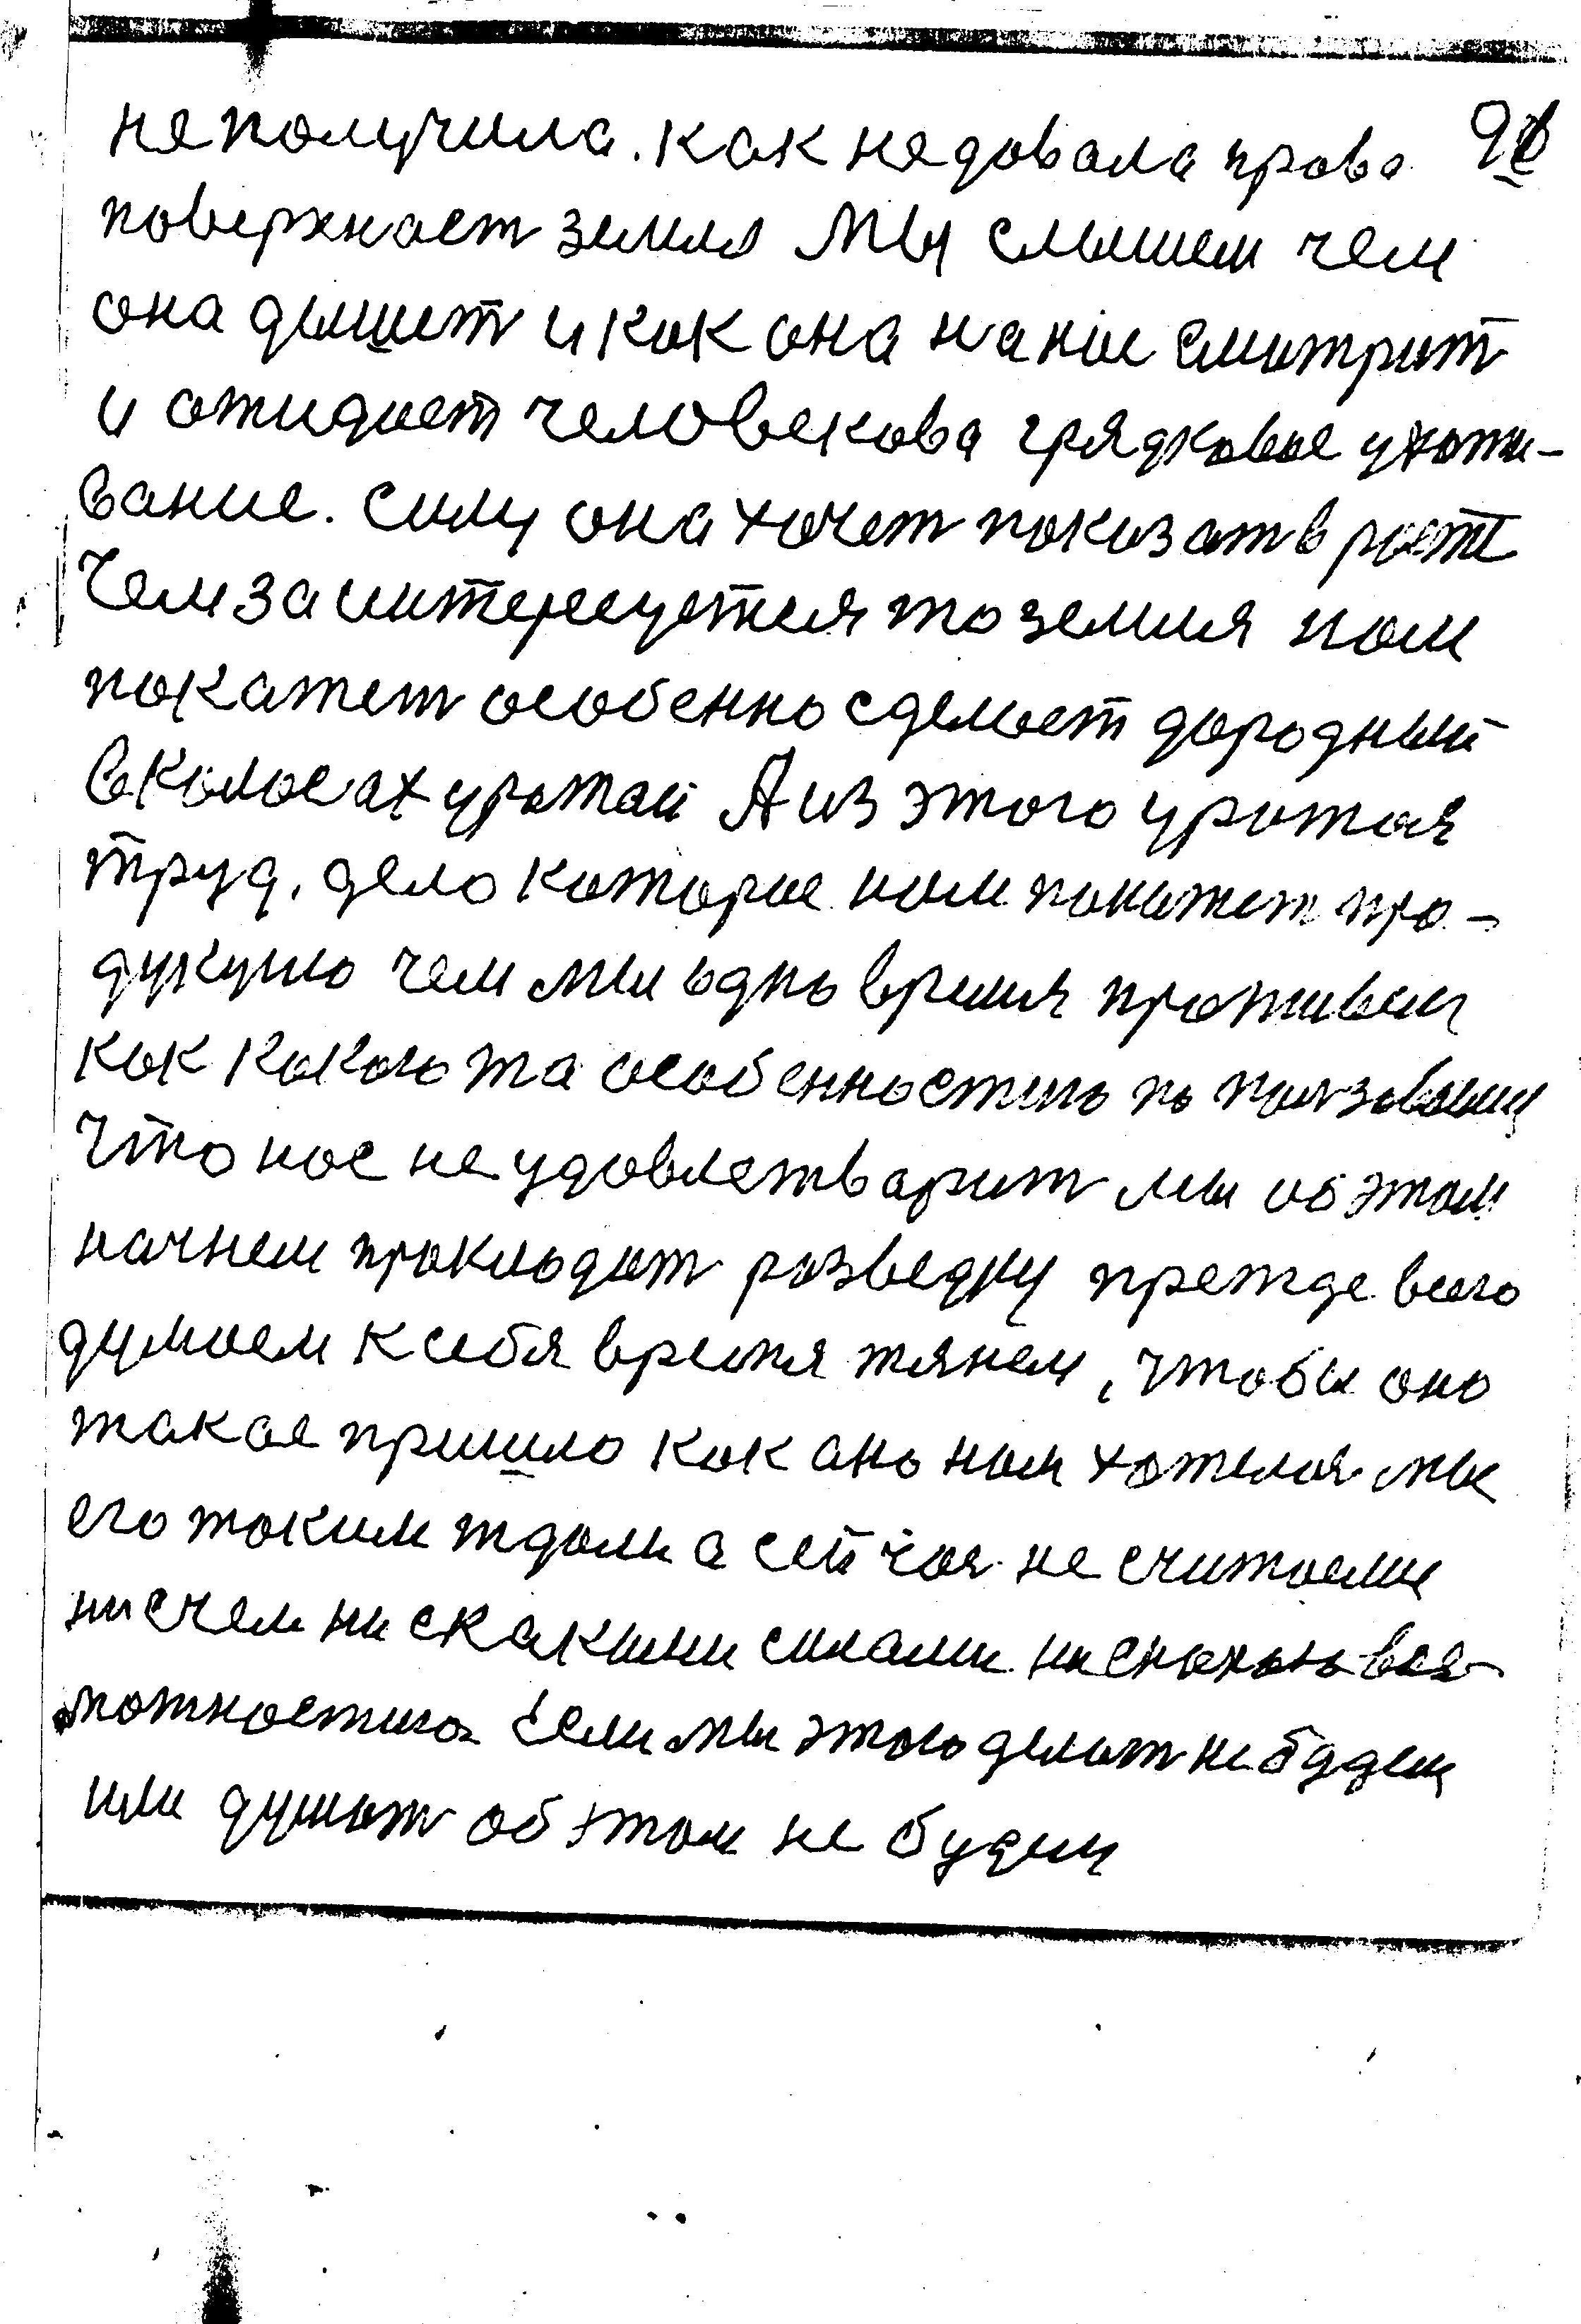 91-103.jpg